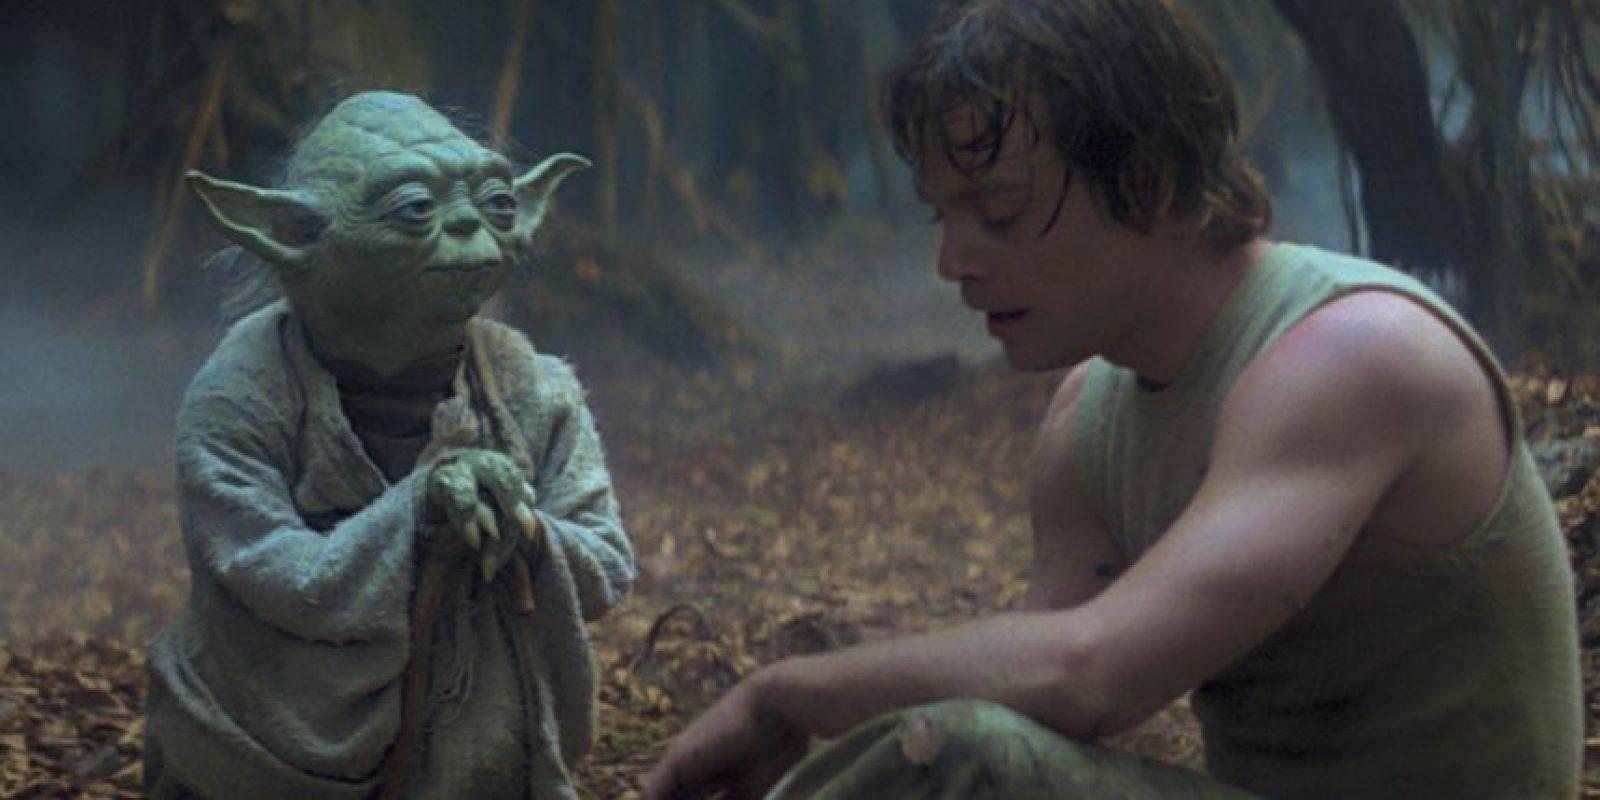 El 6 de noviembre de 2014, LucasFilm a traves de sus redes sociales anuncio que el nombre oficial de la séptima entrega de la saga será: Star Wars Episode VII: The Force Awakens Foto:Facebook Star Wars